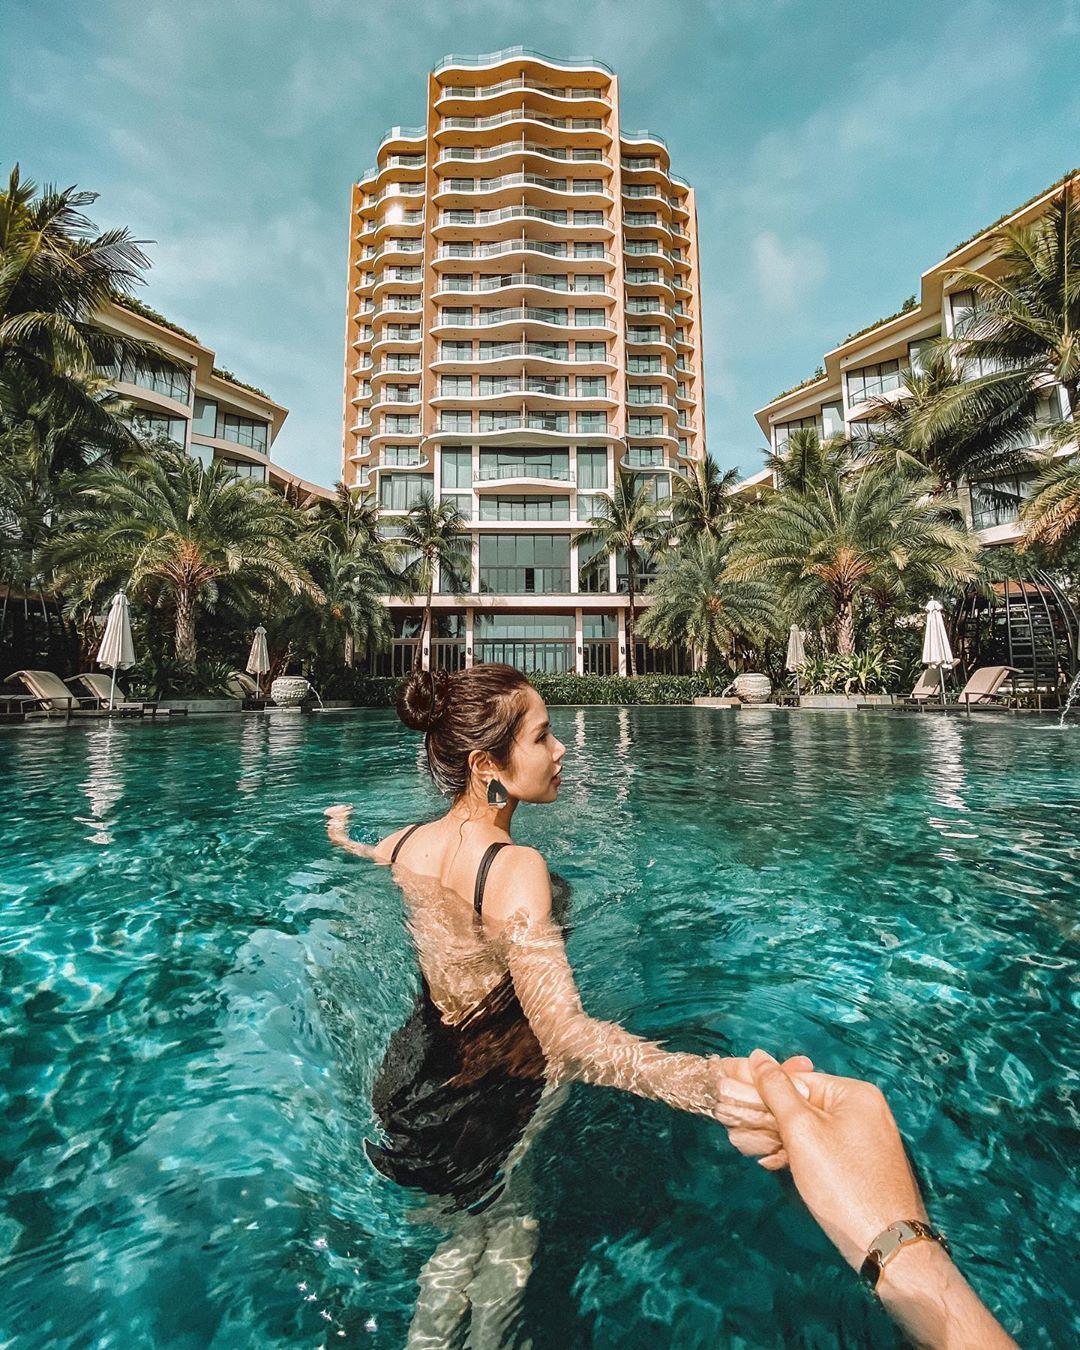 Thư giãn tuyệt đối khi nghỉ dưỡng tại InterContinental Phú Quốc Long Beach (@_truongcamtu_)